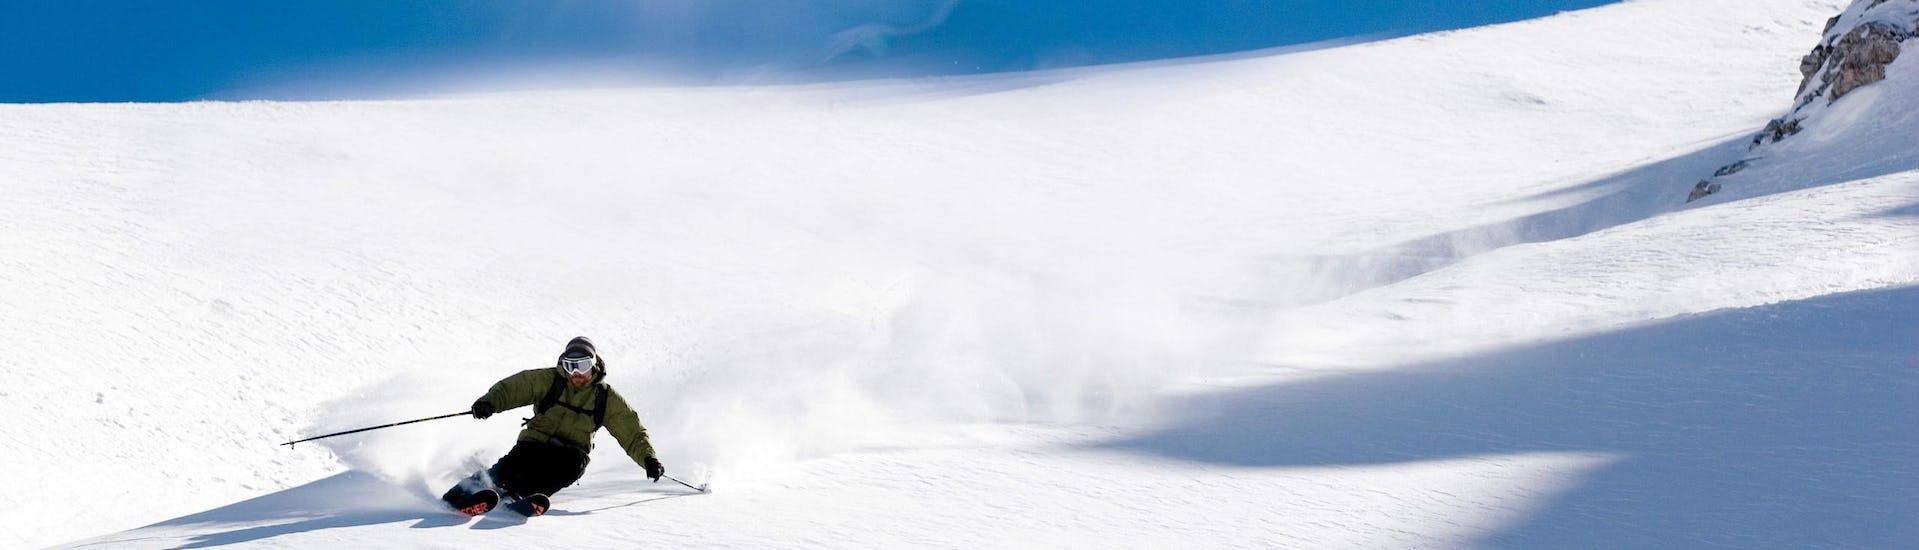 Vue sur un paysage de montagne ensoleillé lors d'un cours de ski avec l'une des écoles de ski de la station de ski Schlick 2000-Fulpmes.